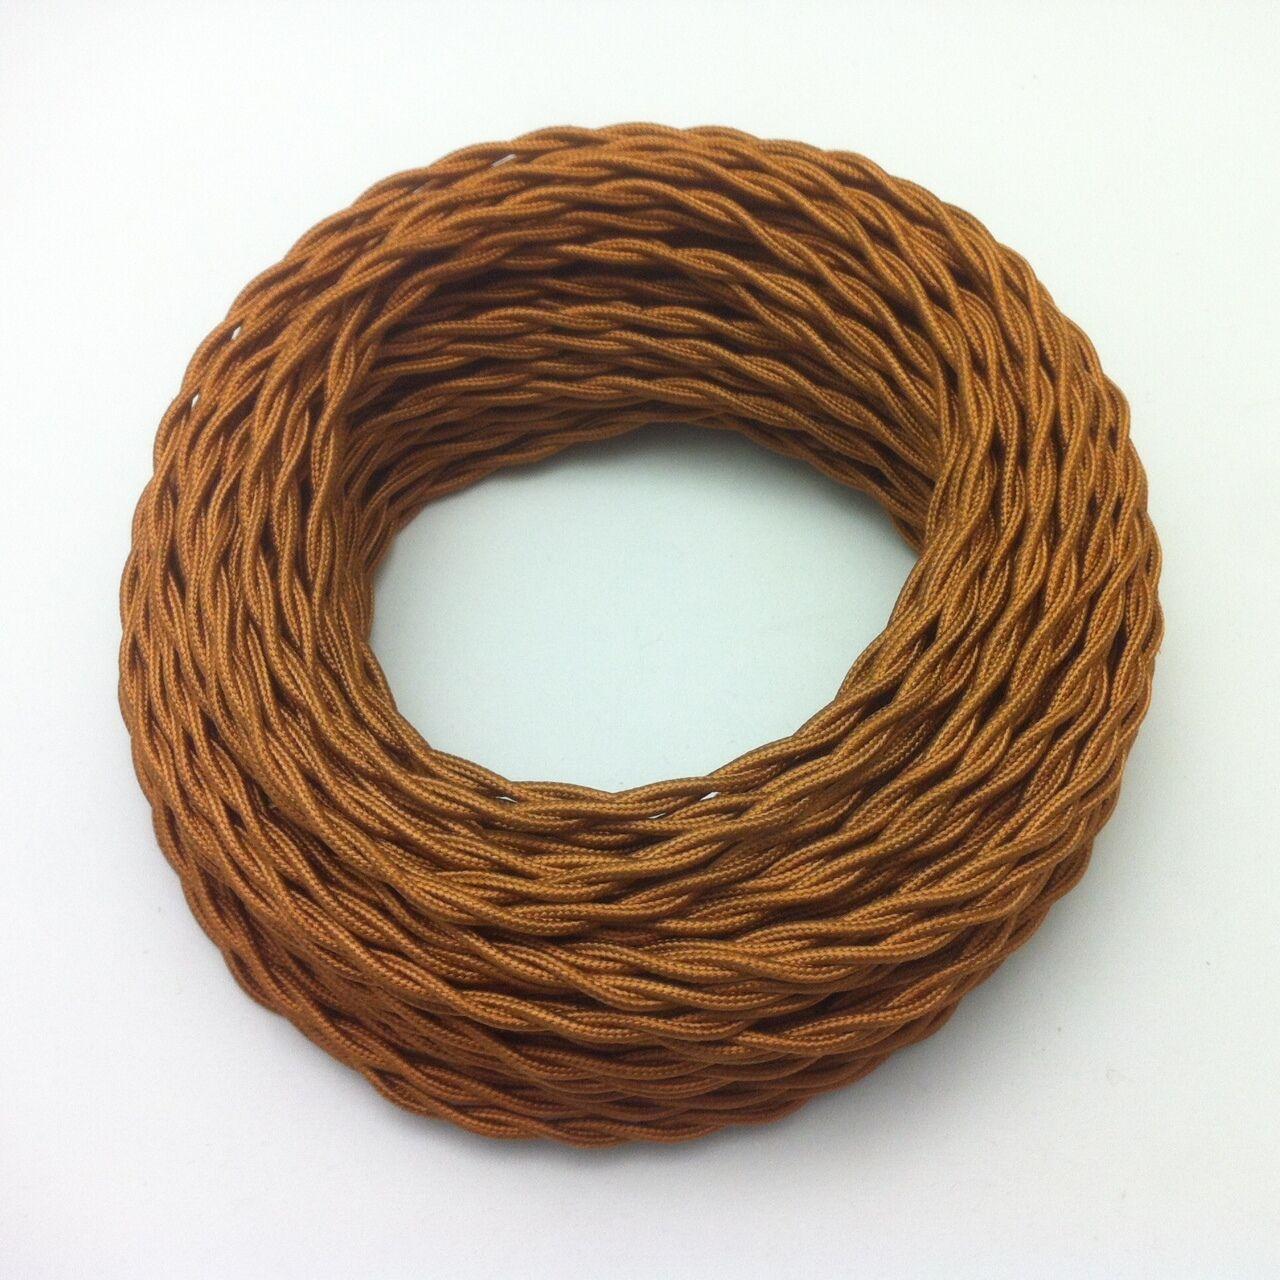 100m Design Textilkabel Stoffkabel Kupfer Bronze 2x0,75 geflochten EU Qualität